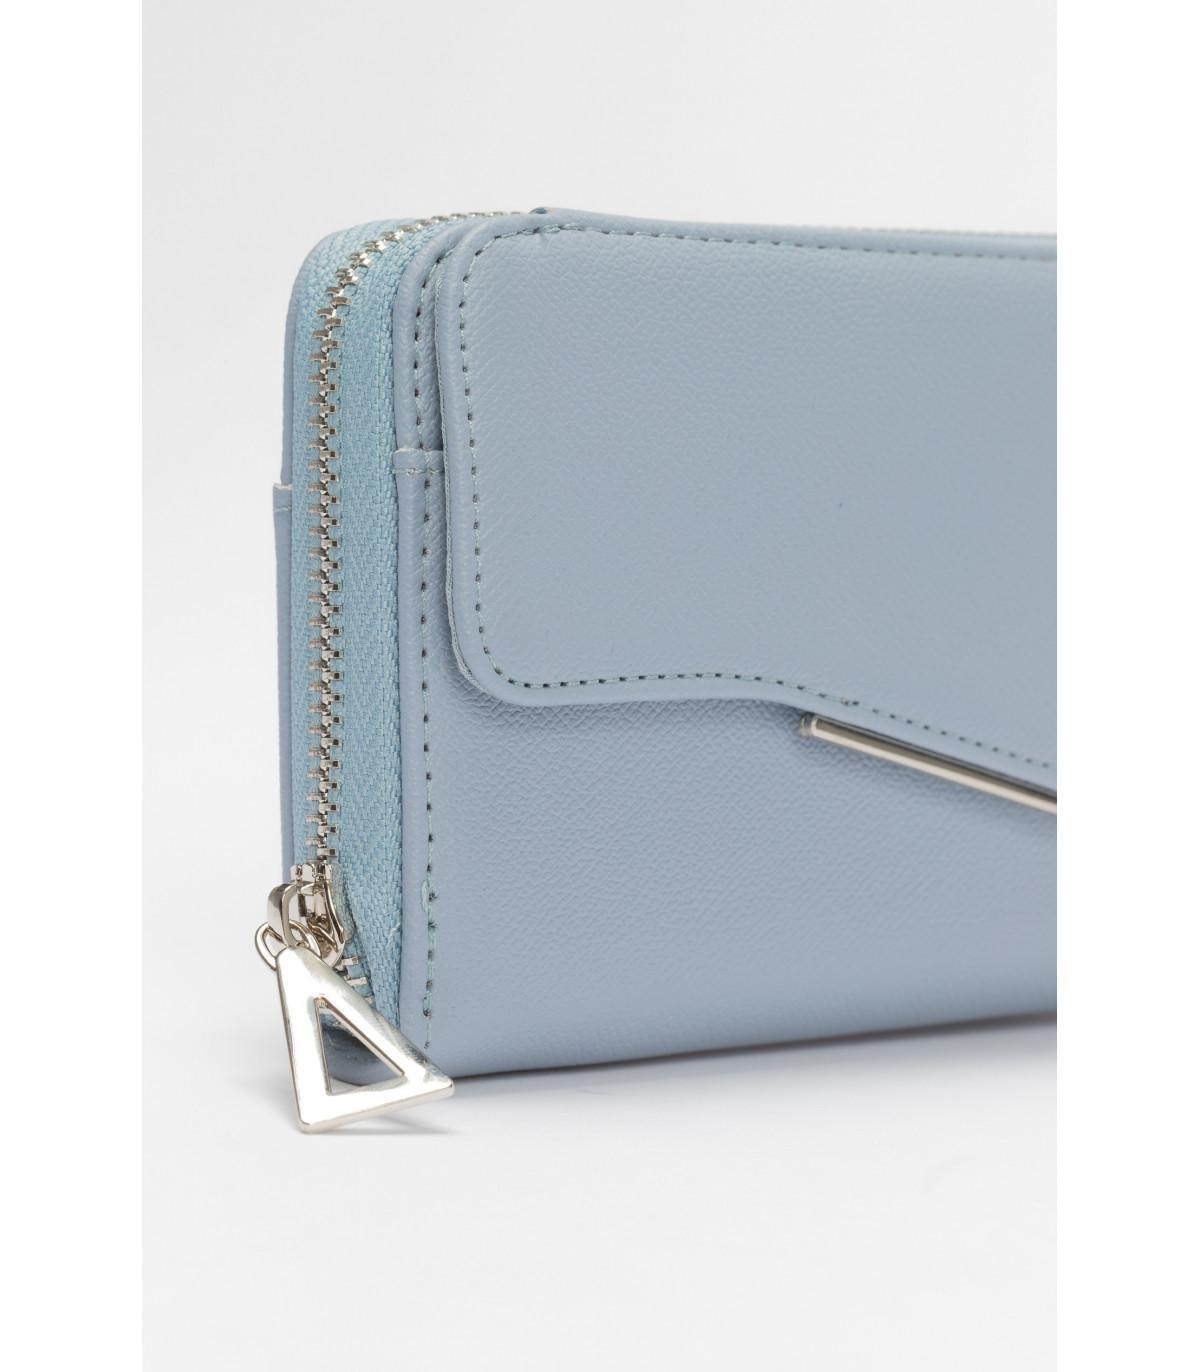 e06b76a04b6d Modrá peňaženka s kovovým zapínaním